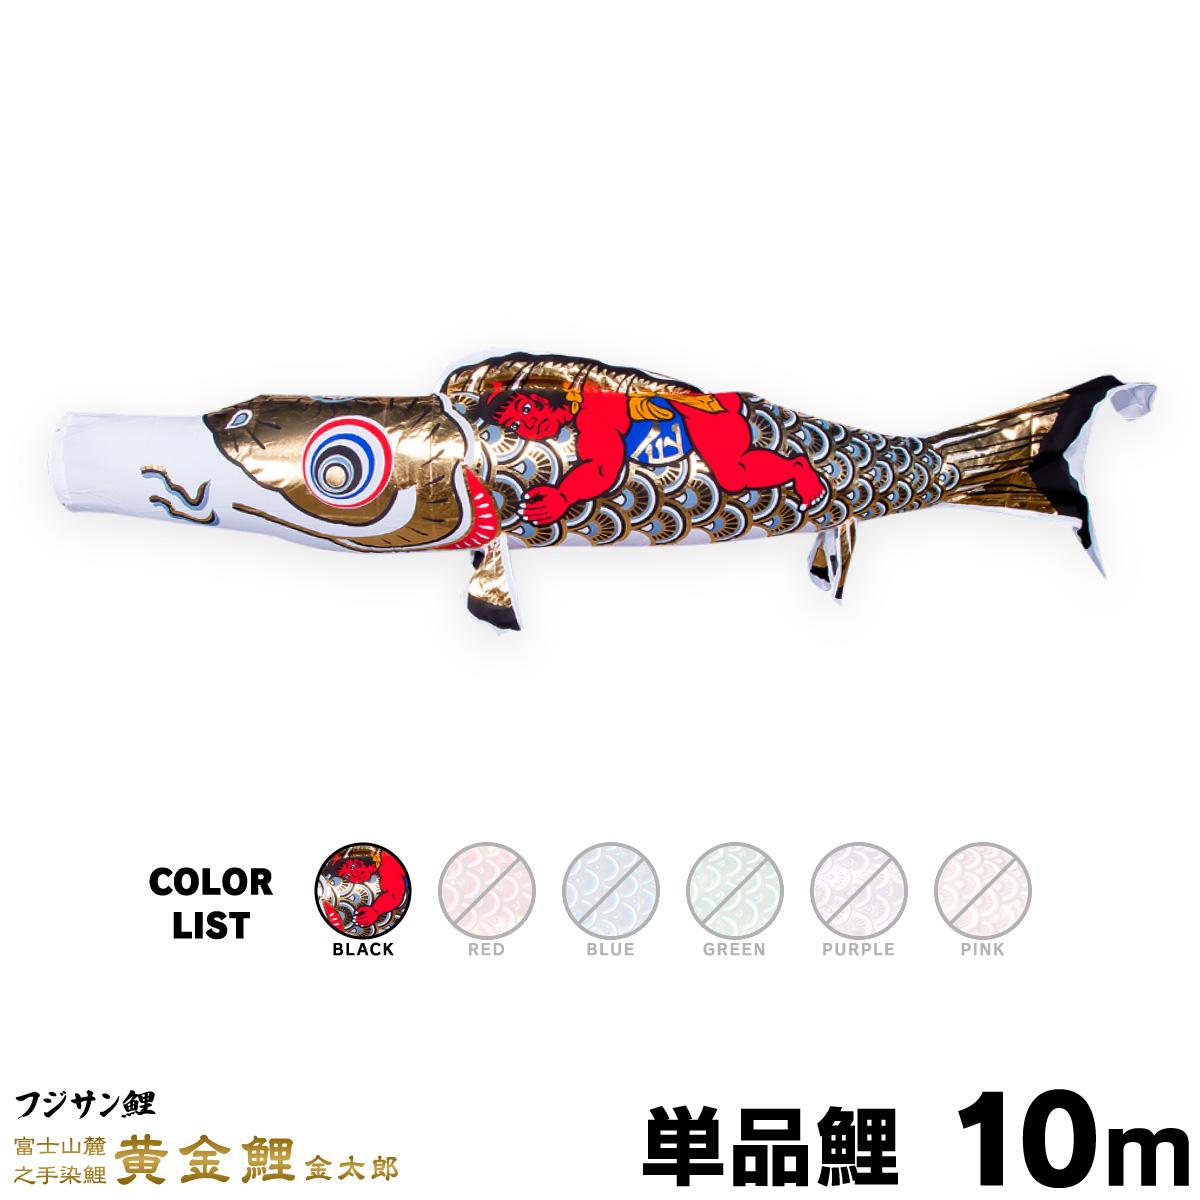 【こいのぼり 単品】 黄金鯉金太郎 10m 単品鯉